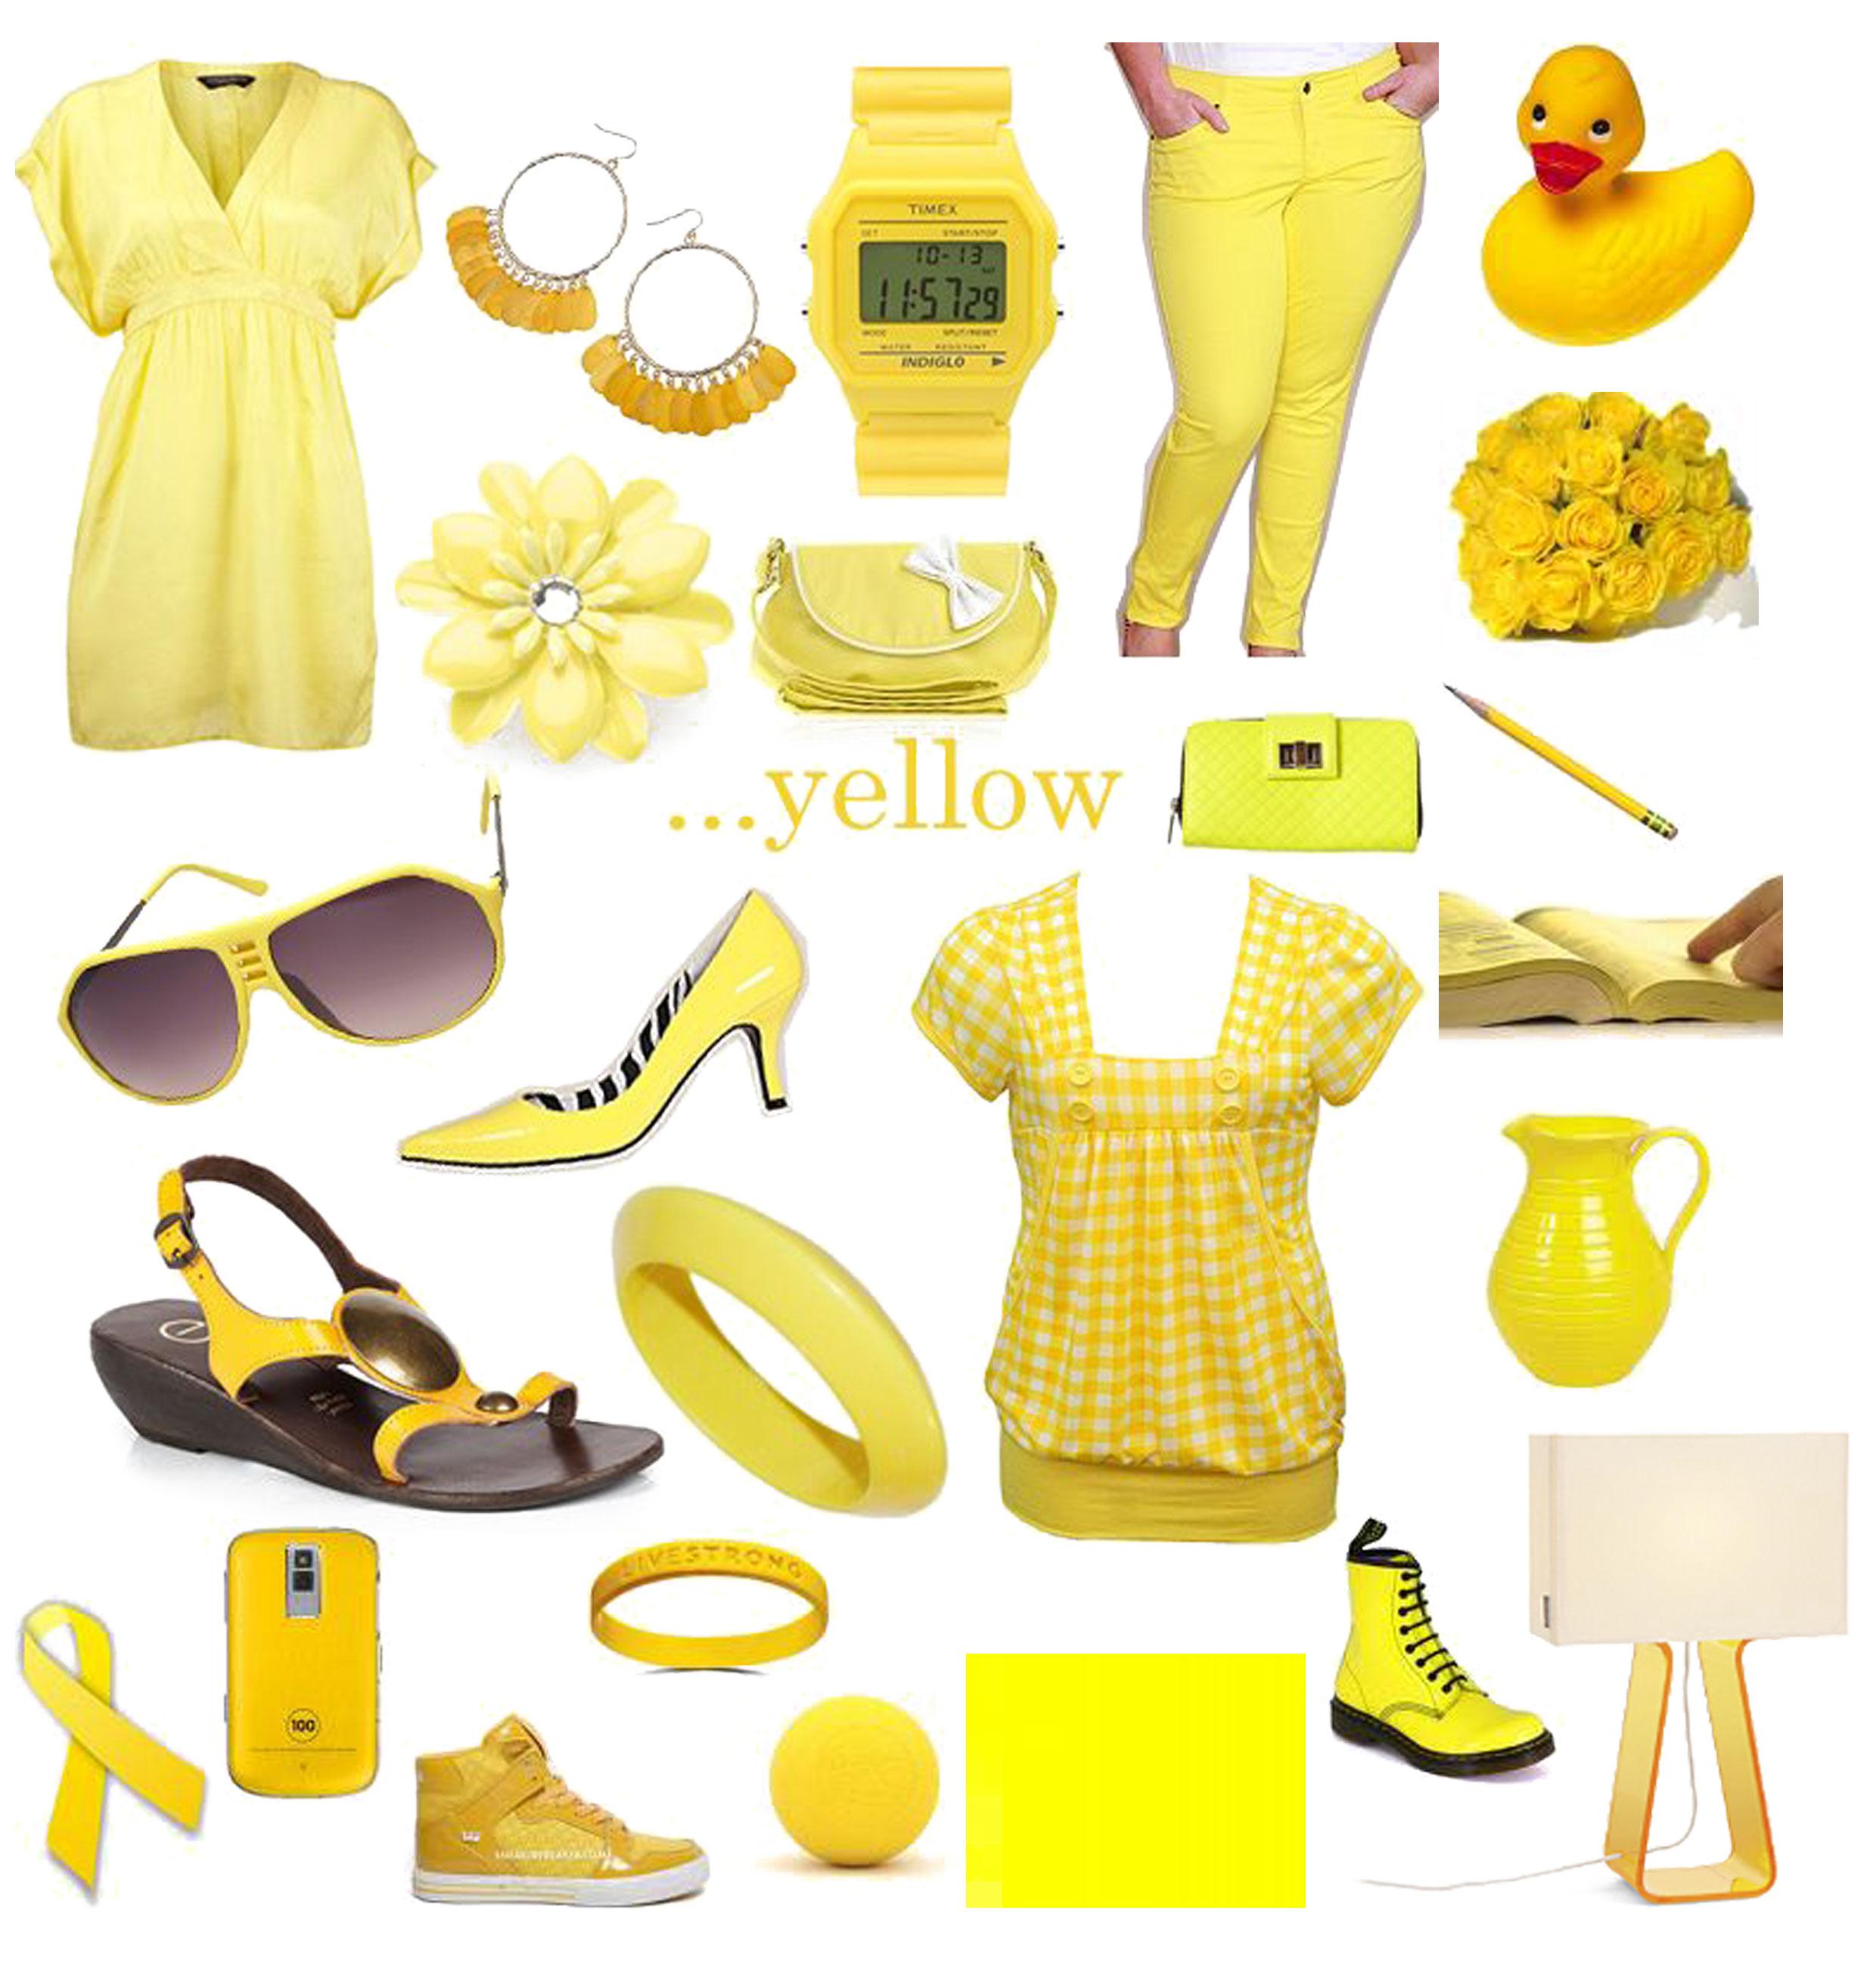 Yellow Objects For Preschool